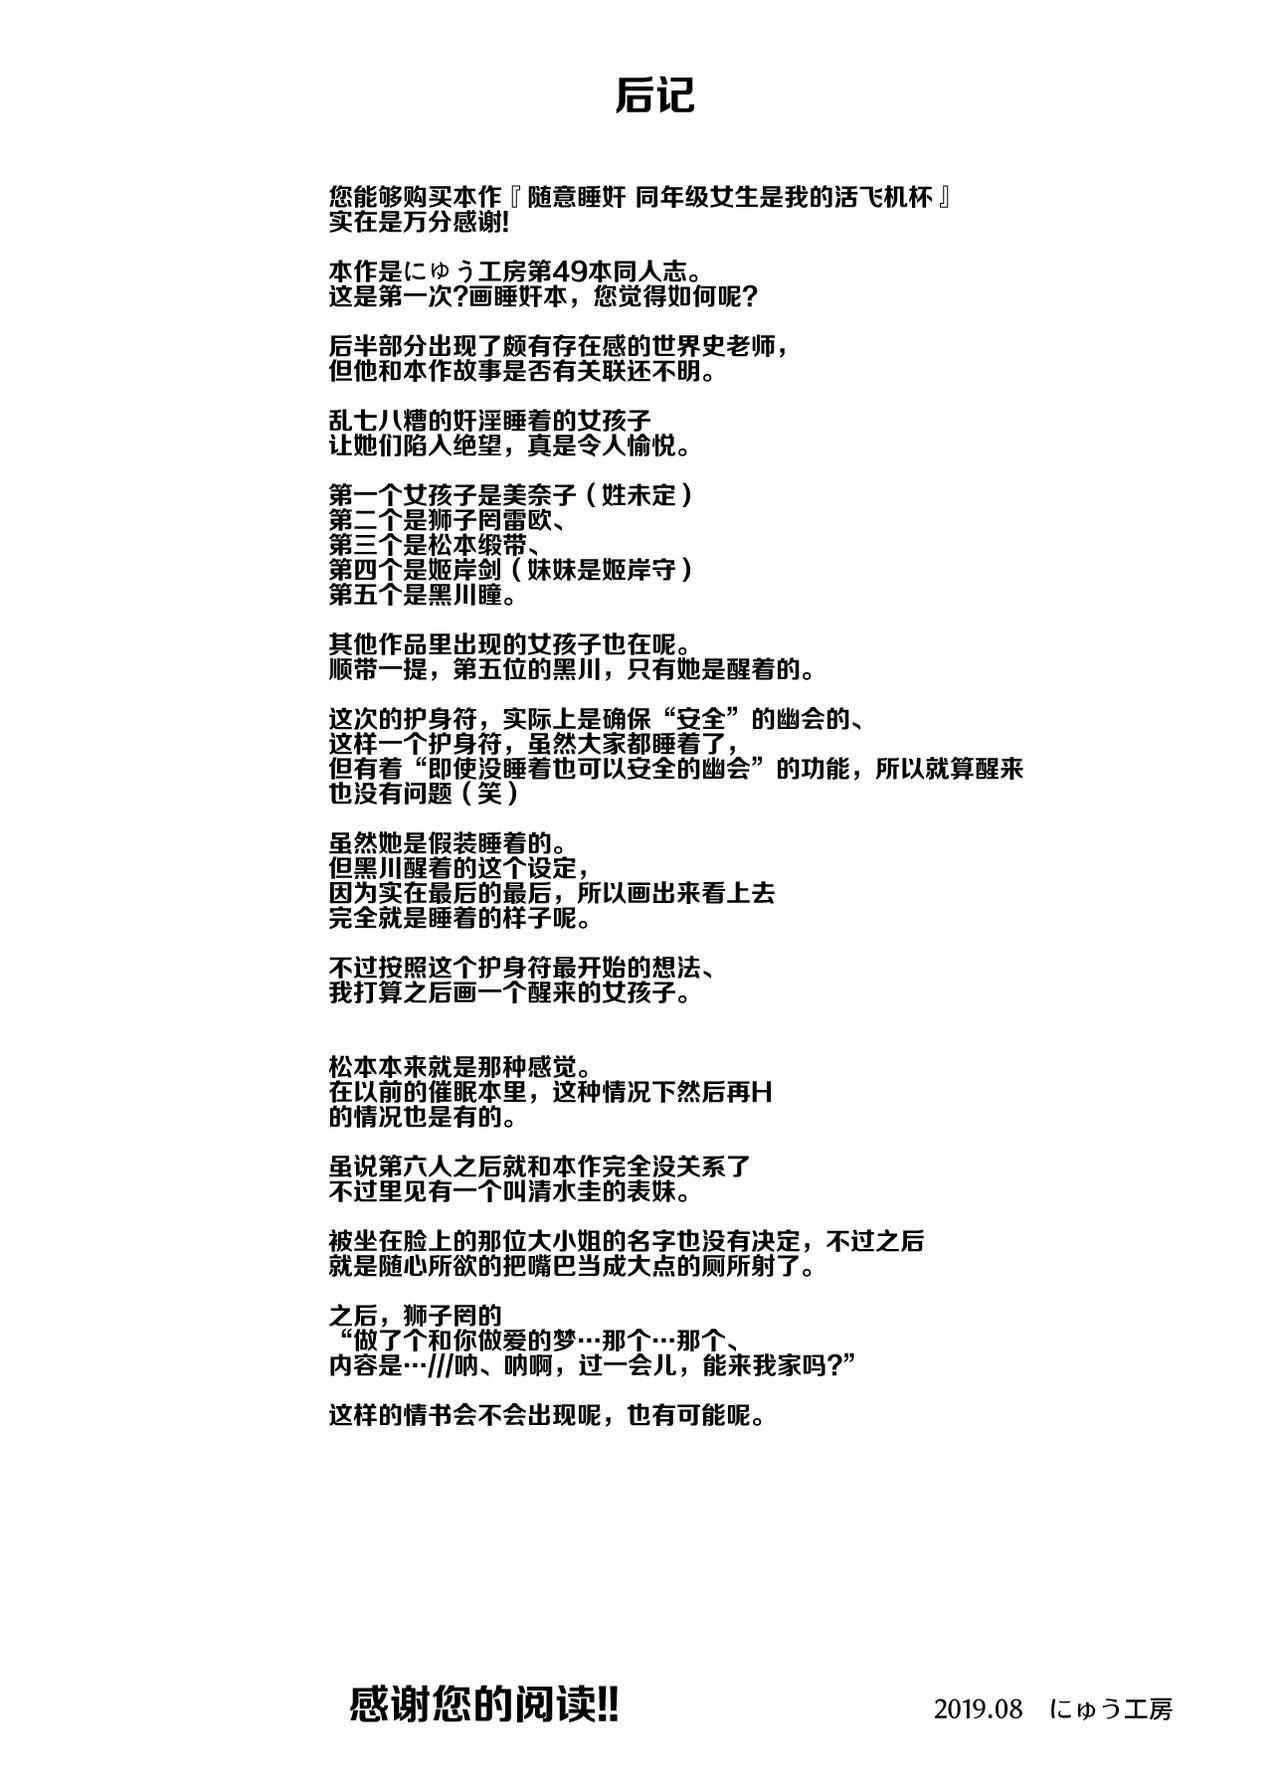 Suikan Houdai - Doukyuusei Joshi wa Boku no Nama Onaho 45